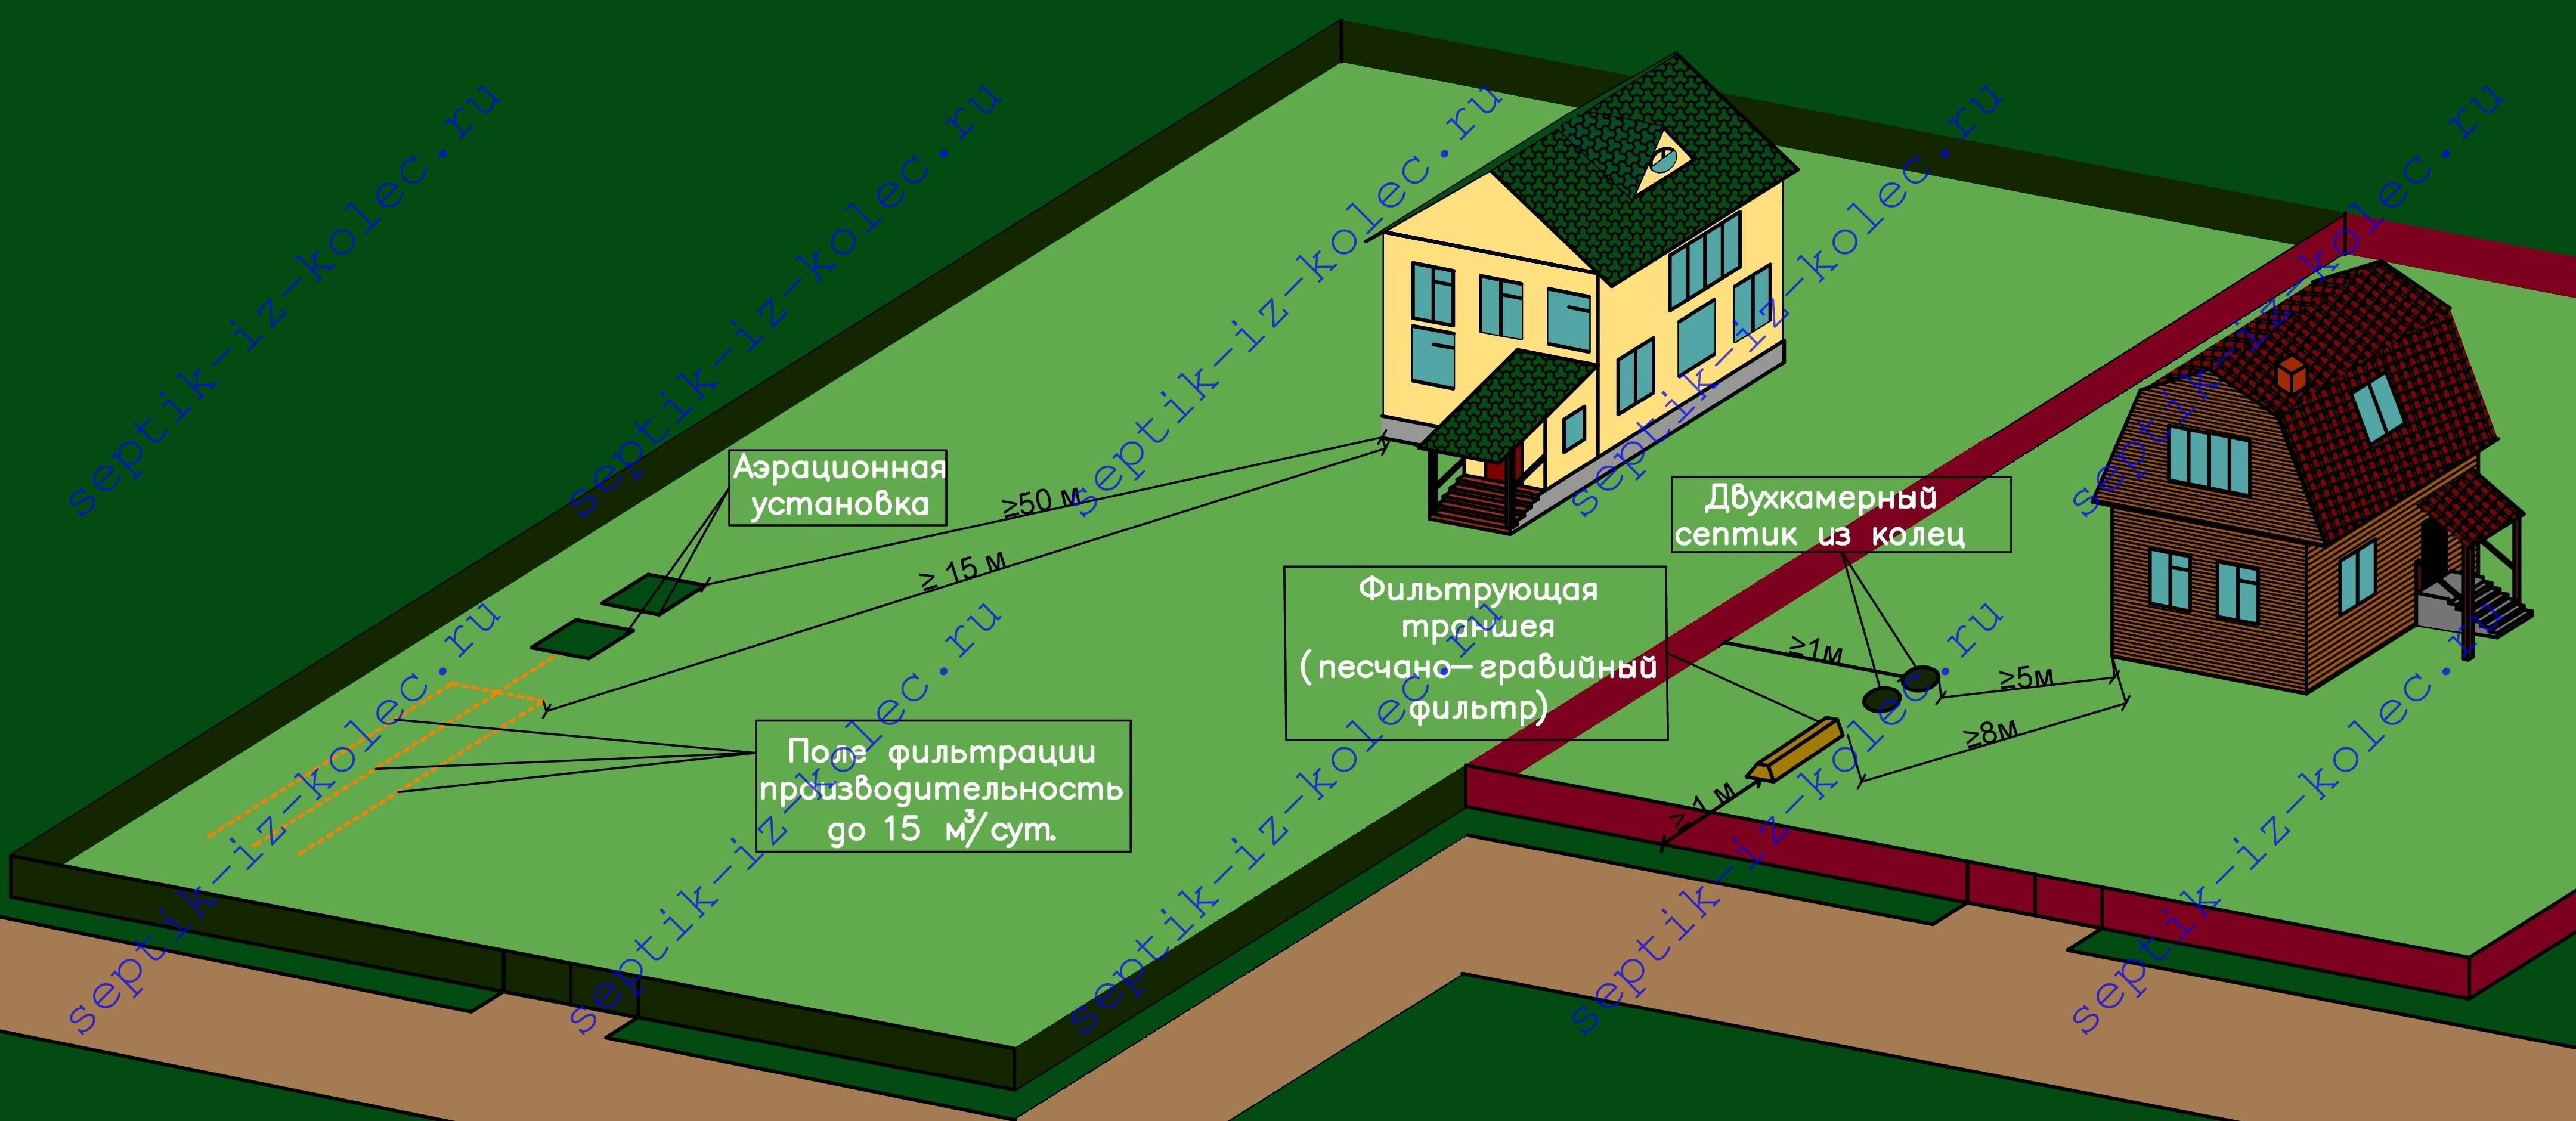 Требования к вентиляции общественных зданий: тонкости обустройства и проектирования вентиляции